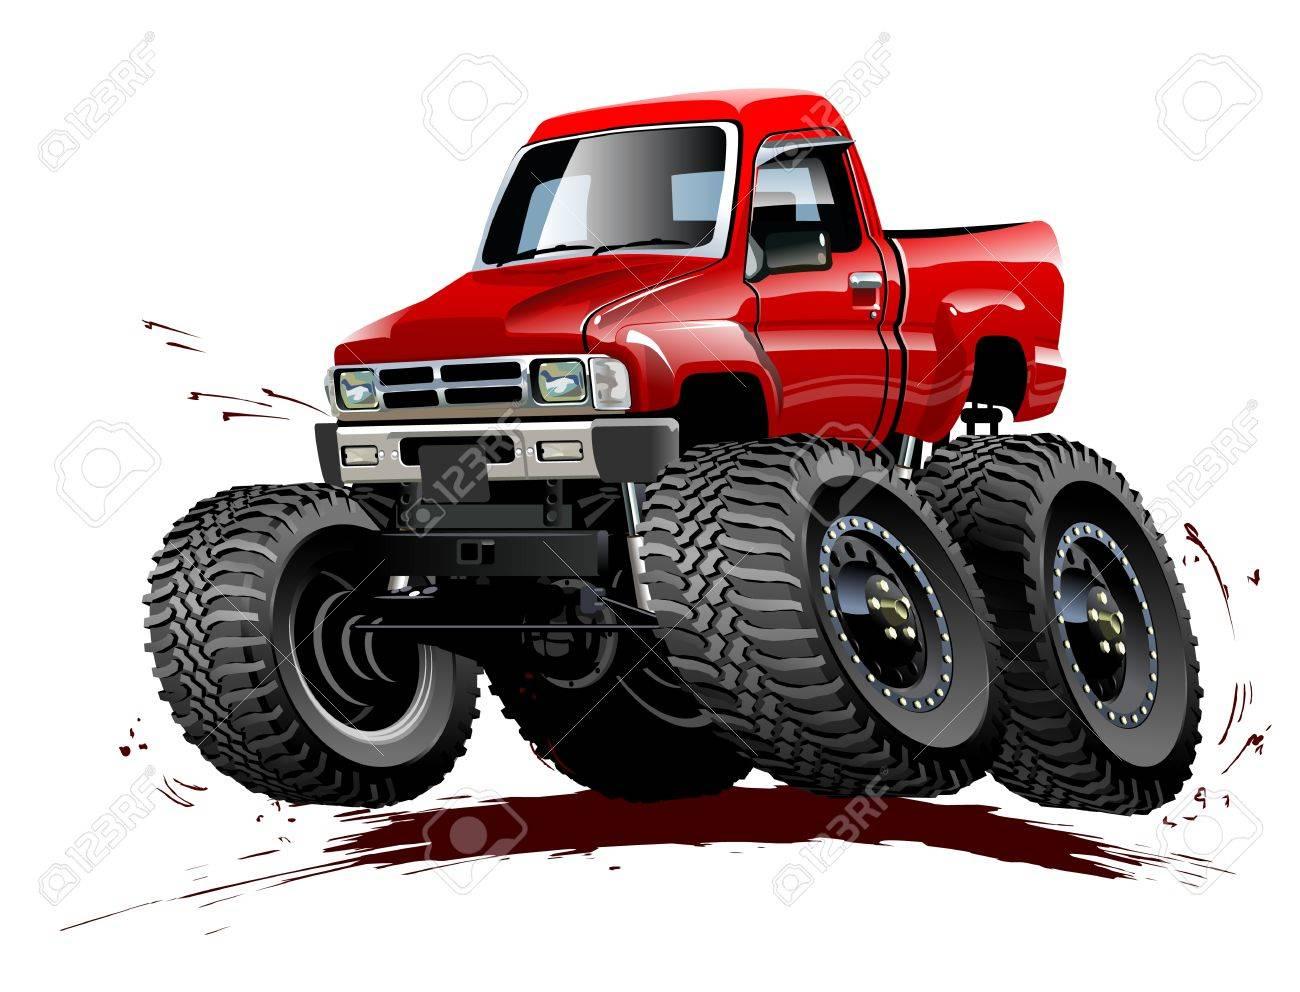 Vecteur De Dessin Animé Monster Truck Disponible Eps 10 Format